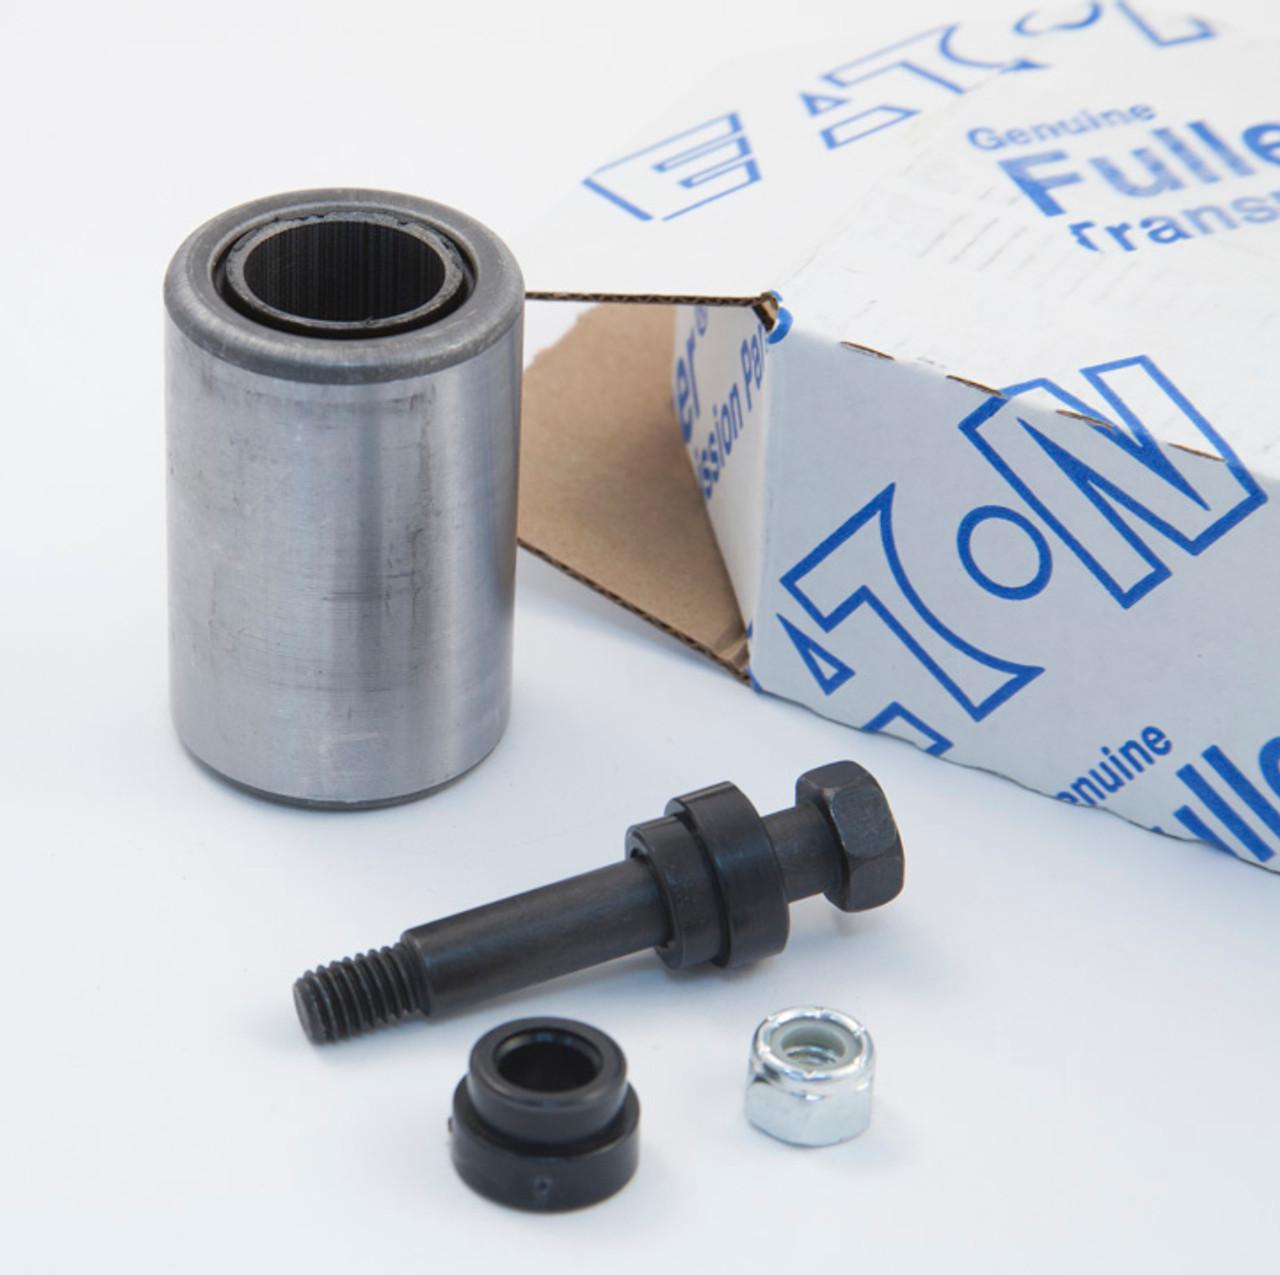 K3399 Fuller Isolator Bushing